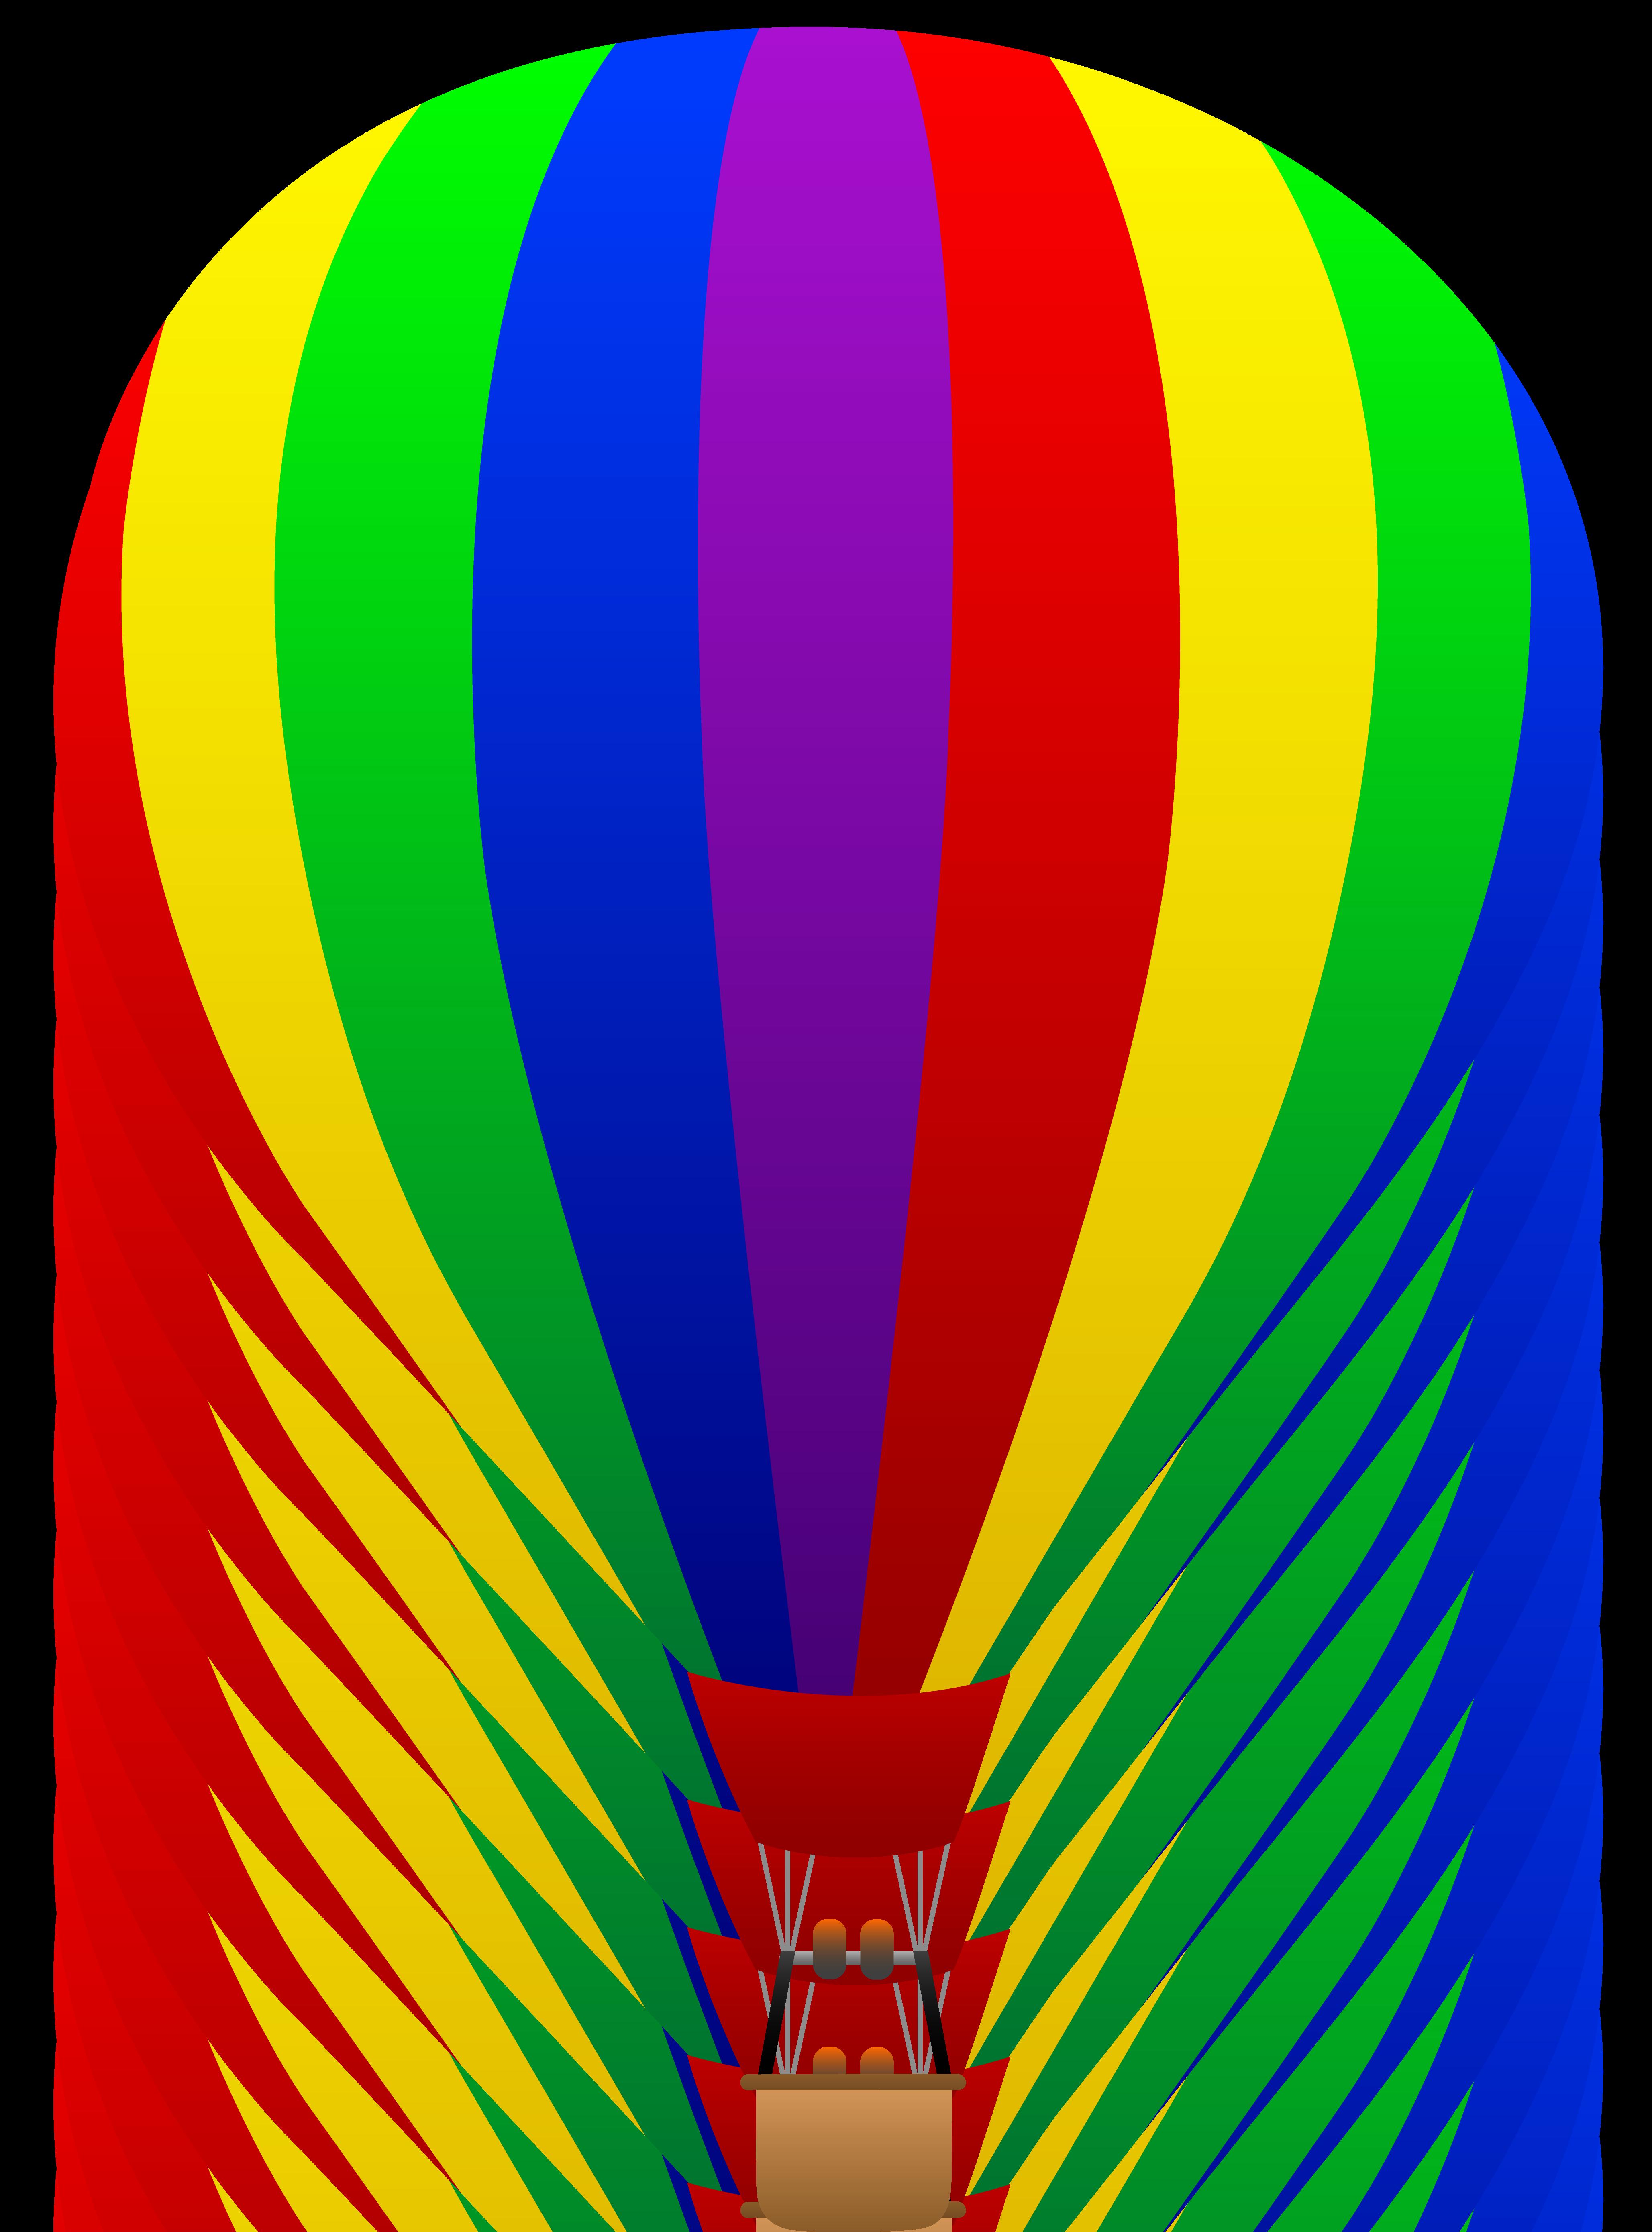 4114x5559 Free Clip Art Of A Fun Rainbow Striped Hot Air Balloon Sweet